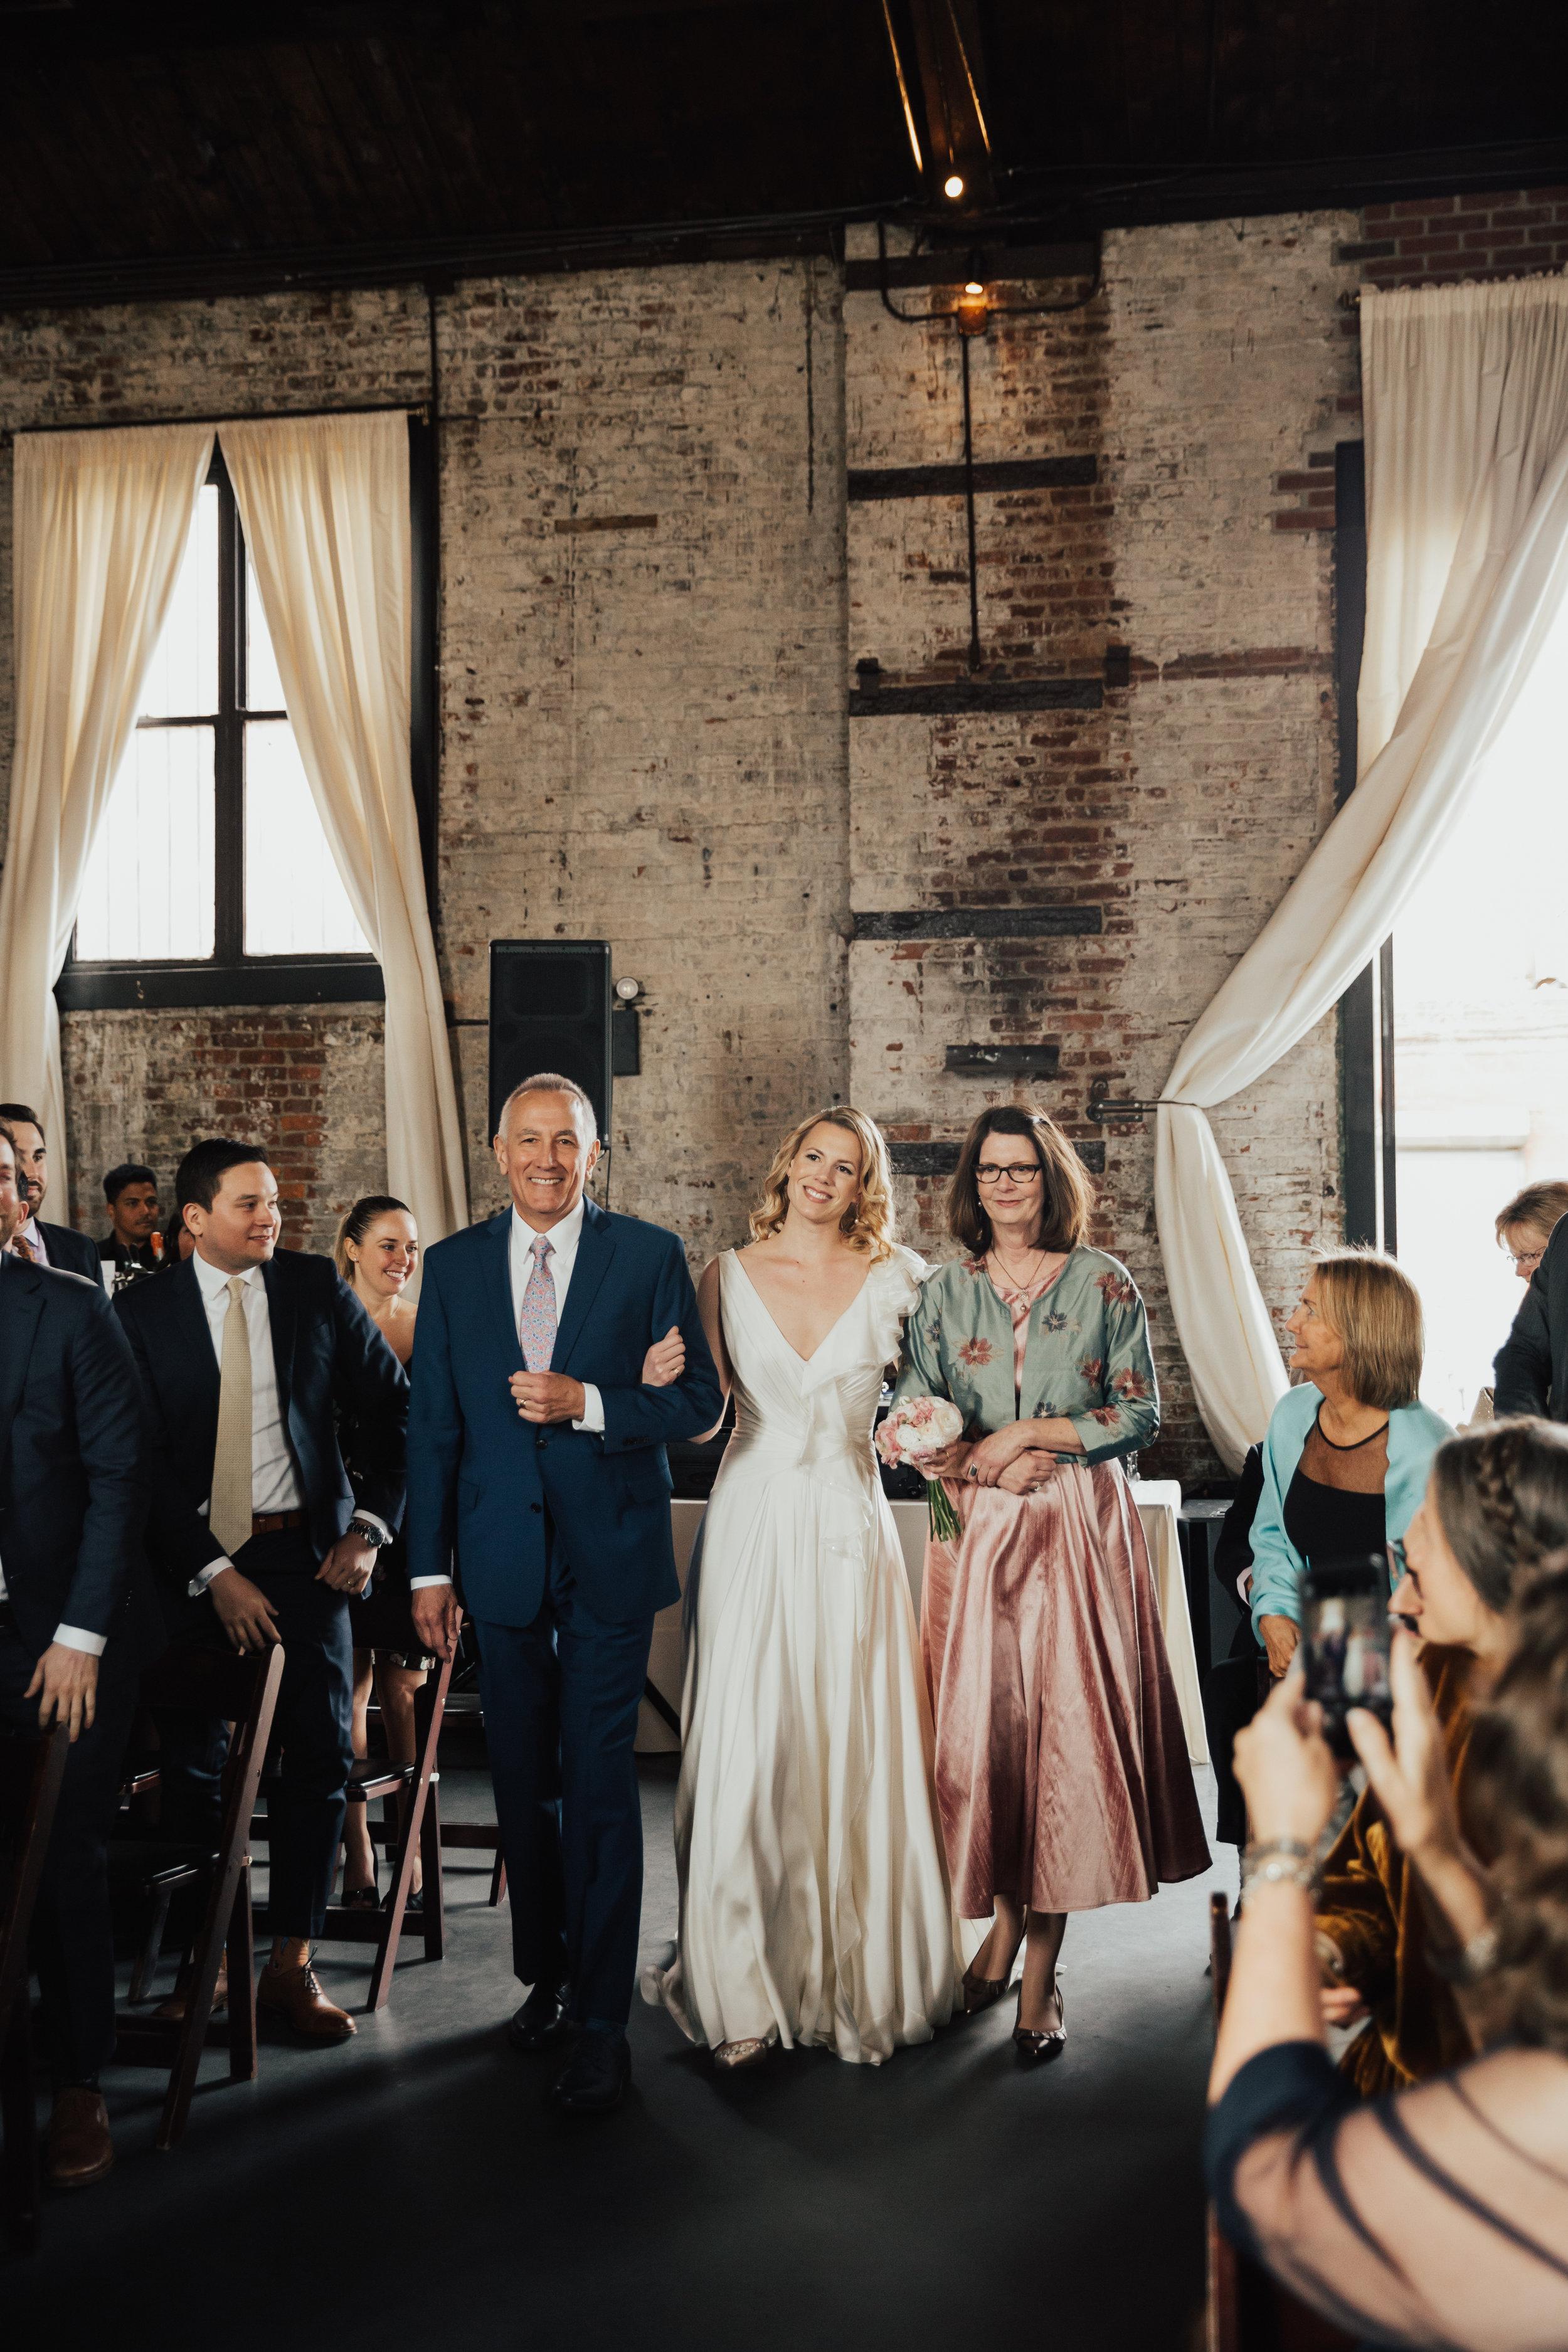 melissa_zach_wedding-129.jpg